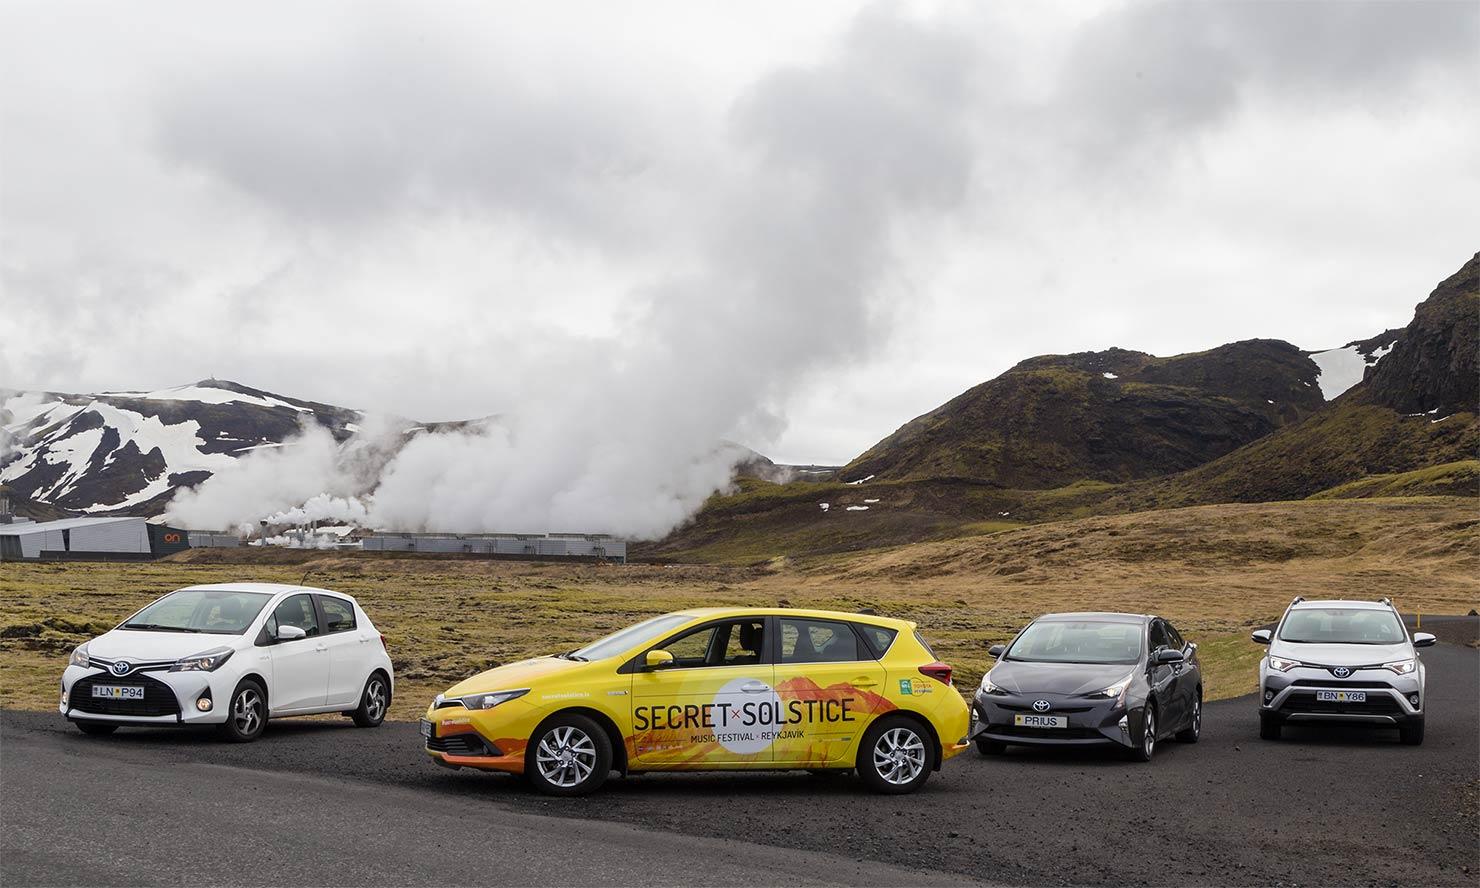 レイキャヴィークから30キロメートルのところで、いま現在、火山が噴火しています